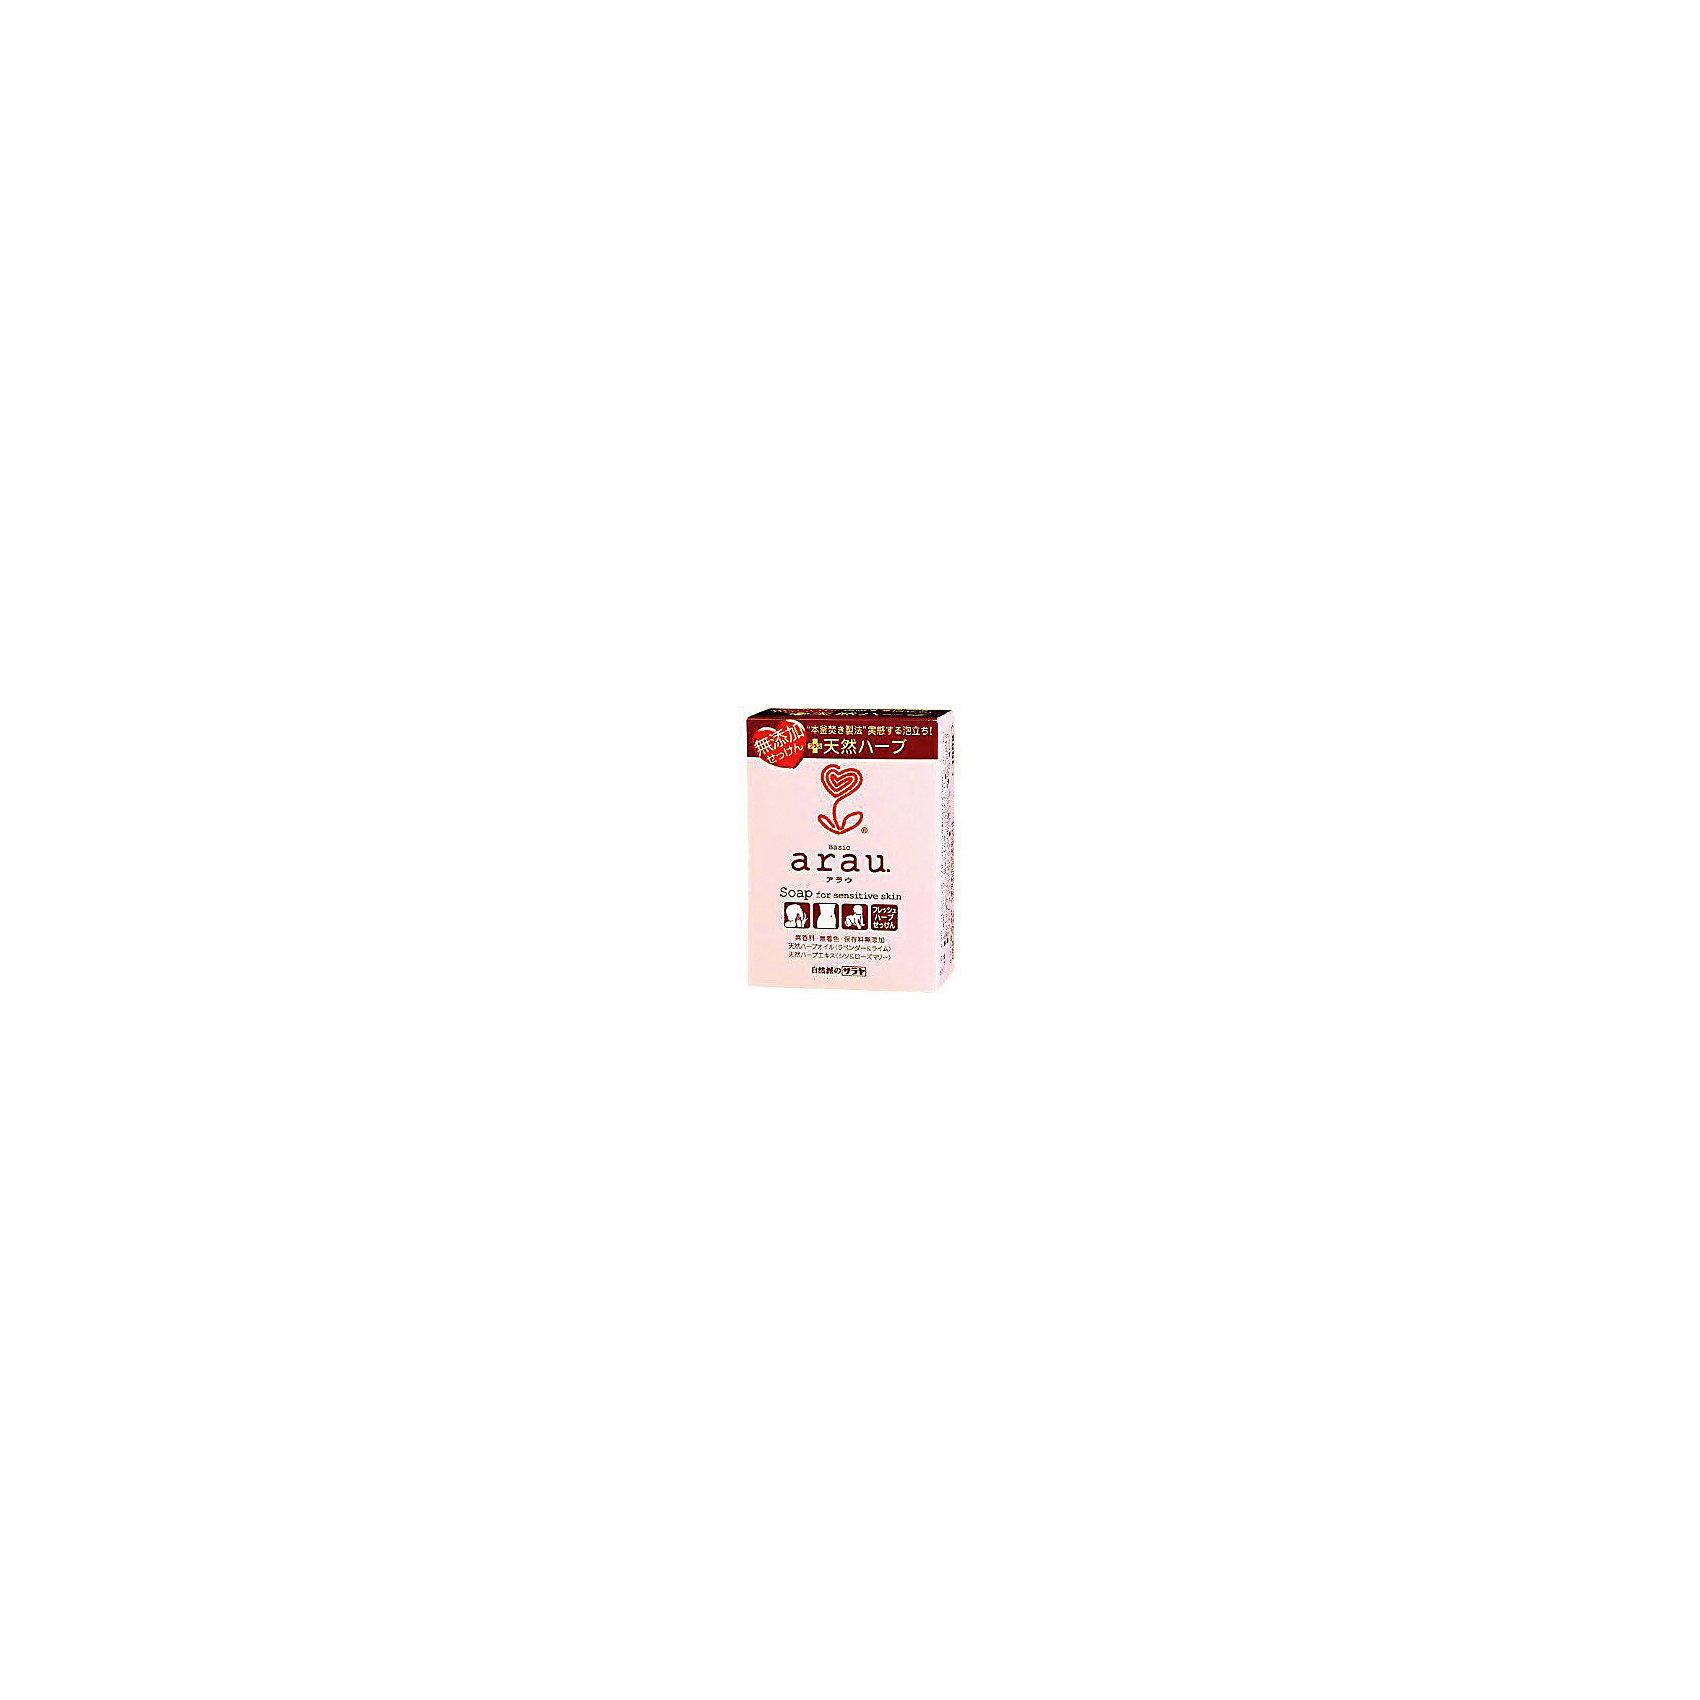 Мыло Arau для чувствительной кожи на основе трав, 100 гр., sarayaБытовая химия<br>Мыло Arau для чувствительной кожи на основе трав, 100 гр., Saraya<br><br>Характеристики:<br><br>- вес: 100 гр.<br>- состав: натуральная мыльная основа, вода, масло Ши, сквалан, эфирное масло лаванды, экстракт розмарина и листьев периллы, глицерин, бутиленгликоль, токоферол (витамин Е), хлорид натрия.<br>- Страна производитель: Япония<br><br>Выполненное в традиционном стиле мыло включает в себя простые, необработанные травы и ингридиенты. Обильная мыльная пена идеально подходит для ежедневного очищения лица, рук и всего тела. И, конечно, мыло достаточно безопасно и бережно для мытья ребёнка, в том числе! Мыло для чувствительной кожи из линии по уходу за телом от японского бренда Аrau (Арау) поможет добиться самого чистого, и в то же время бережного очищения. <br><br>Все средства линии Аrau (Арау) оказывают бережное отношение к окружающей среде и разлагается не загрязняя её. Это пенное мыло годится для ежедневного очищения. Природные компоненты состава этого мыла не провоцируют аллергию, формула мыла проверена дерматологами и не провоцирует раздражение. <br><br>В состав входят натуральное масло лаванды, придающее мылу легкий и ненавязчивый запах, прочие ненатуральные ароматизаторы в формулу мыла не входят. Эффекты экстрактов и масел обеспечивают комплексное очищение кожи и легкое осветление. В состав мыла не входят красители. Благодаря экстрактам из состава мыло обладает противовоспалительным и антибактериальным эффектом. Вы полюбите мыться вместе с Аrau (Арау)!<br><br>Мыло Arau для чувствительной кожи на основе трав, 100 гр., Saraya можно купить в нашем интернет-магазине.<br><br>Ширина мм: 100<br>Глубина мм: 50<br>Высота мм: 50<br>Вес г: 100<br>Возраст от месяцев: 216<br>Возраст до месяцев: 1188<br>Пол: Унисекс<br>Возраст: Детский<br>SKU: 5397369